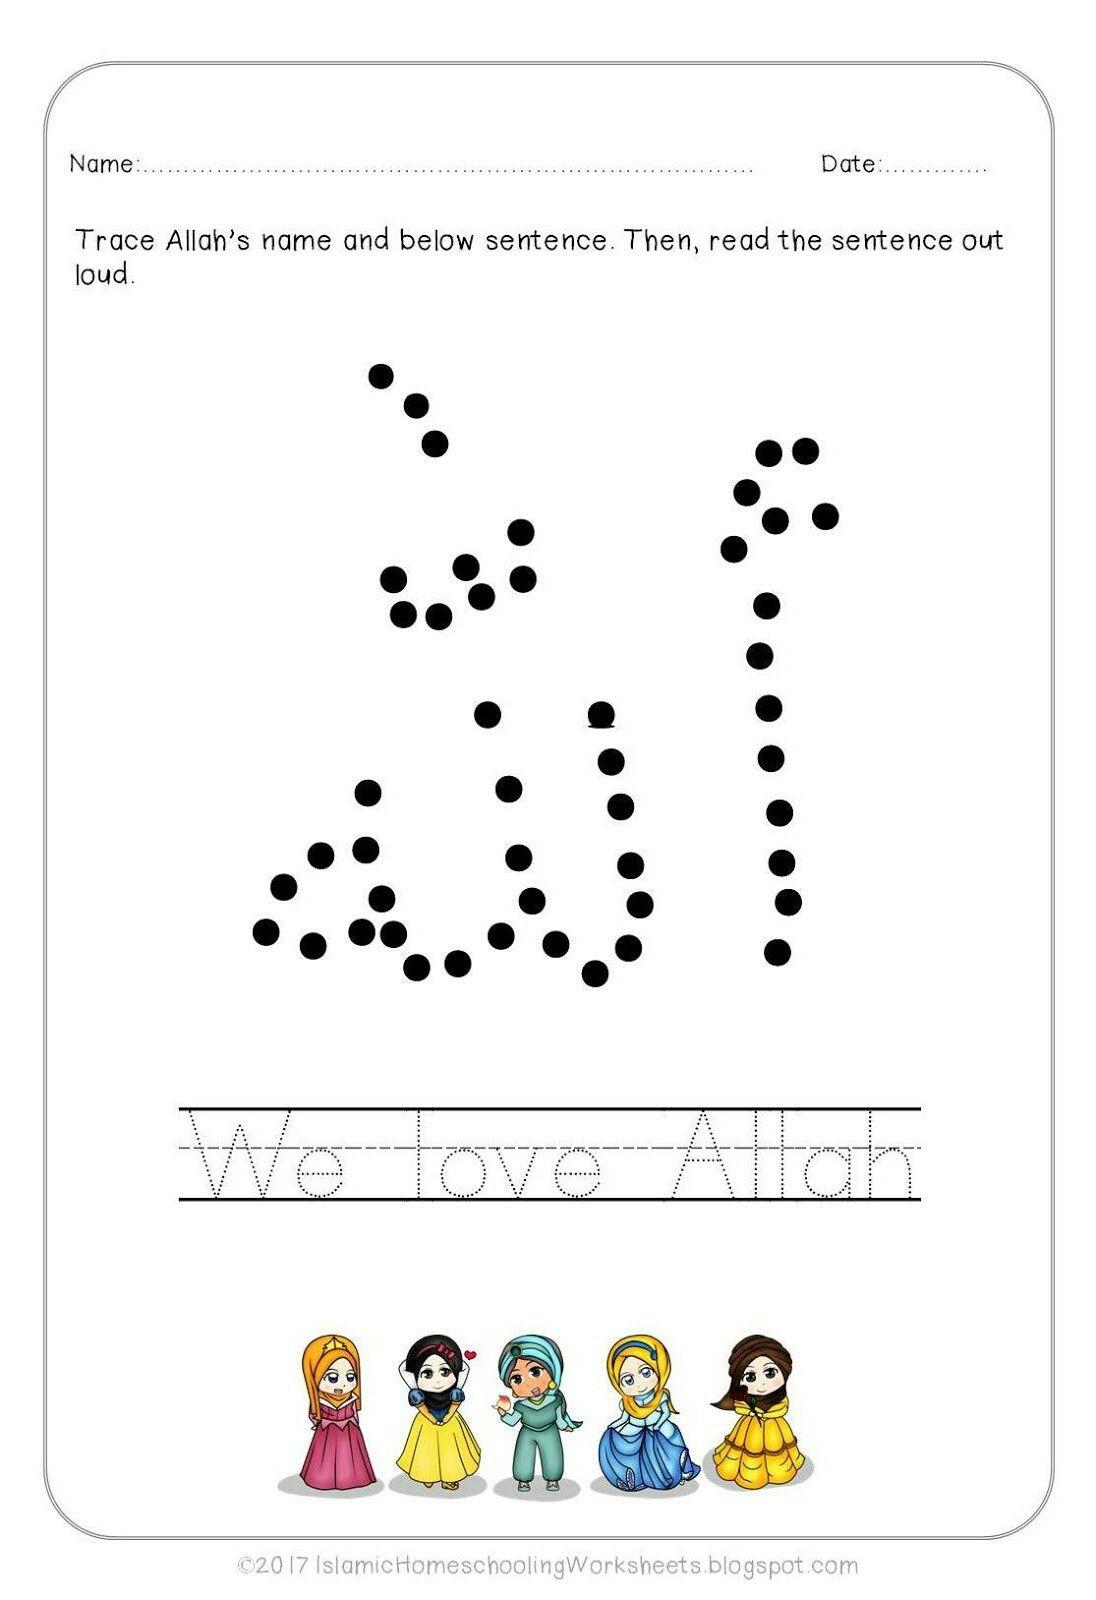 Worksheets Preschool Homeschool Worksheets free prewriting practice in disney princess preschool pack islamic version